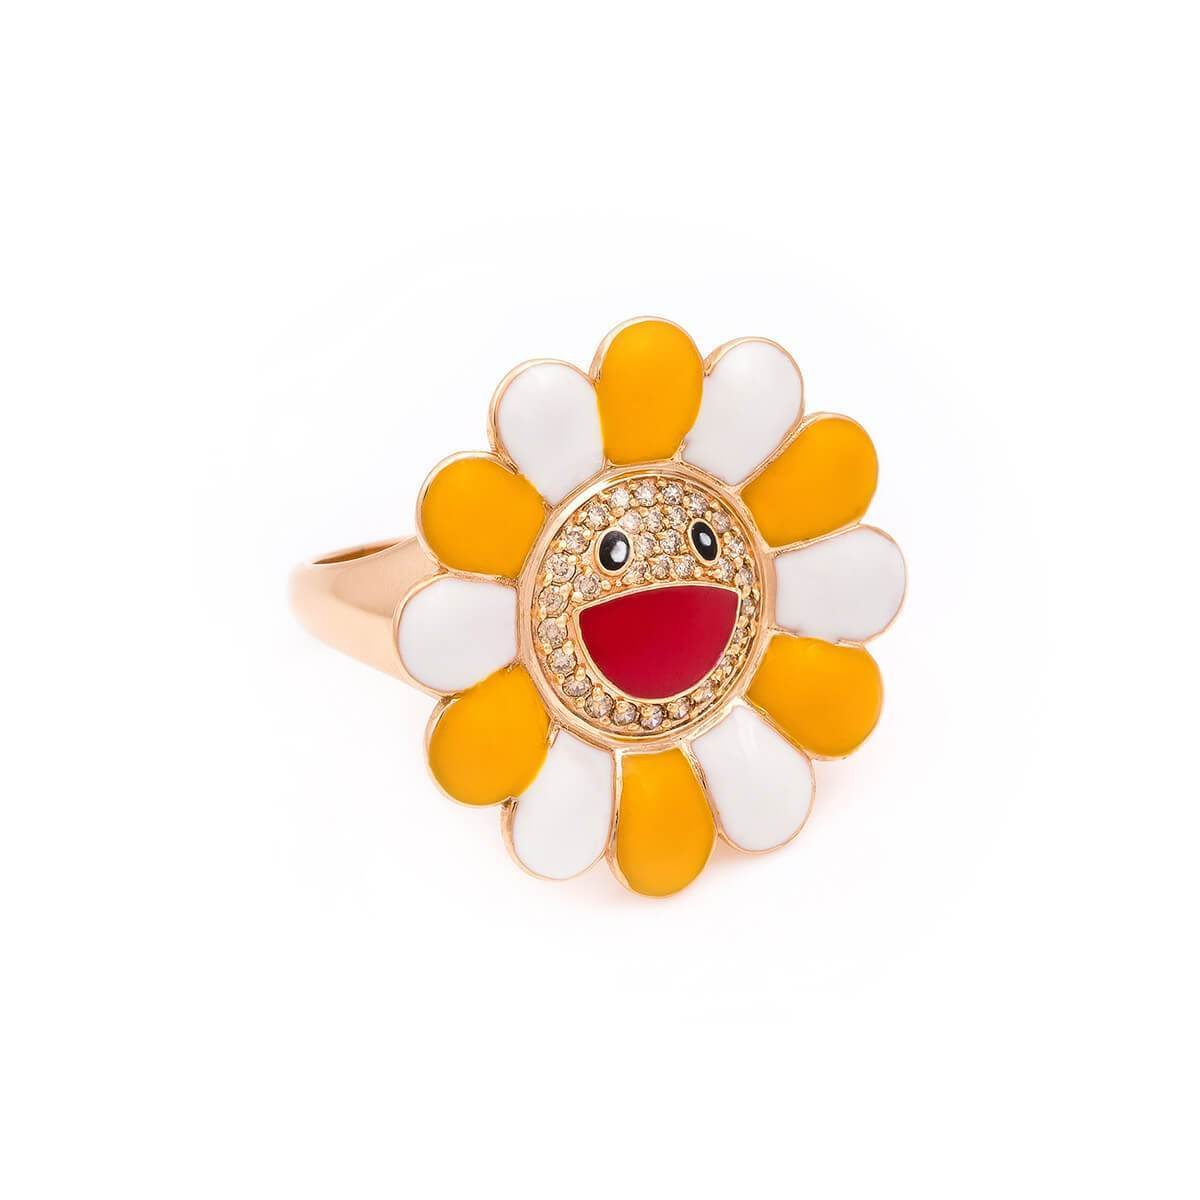 18kt Yellow Gold & Enamel Happy Daisy Ring